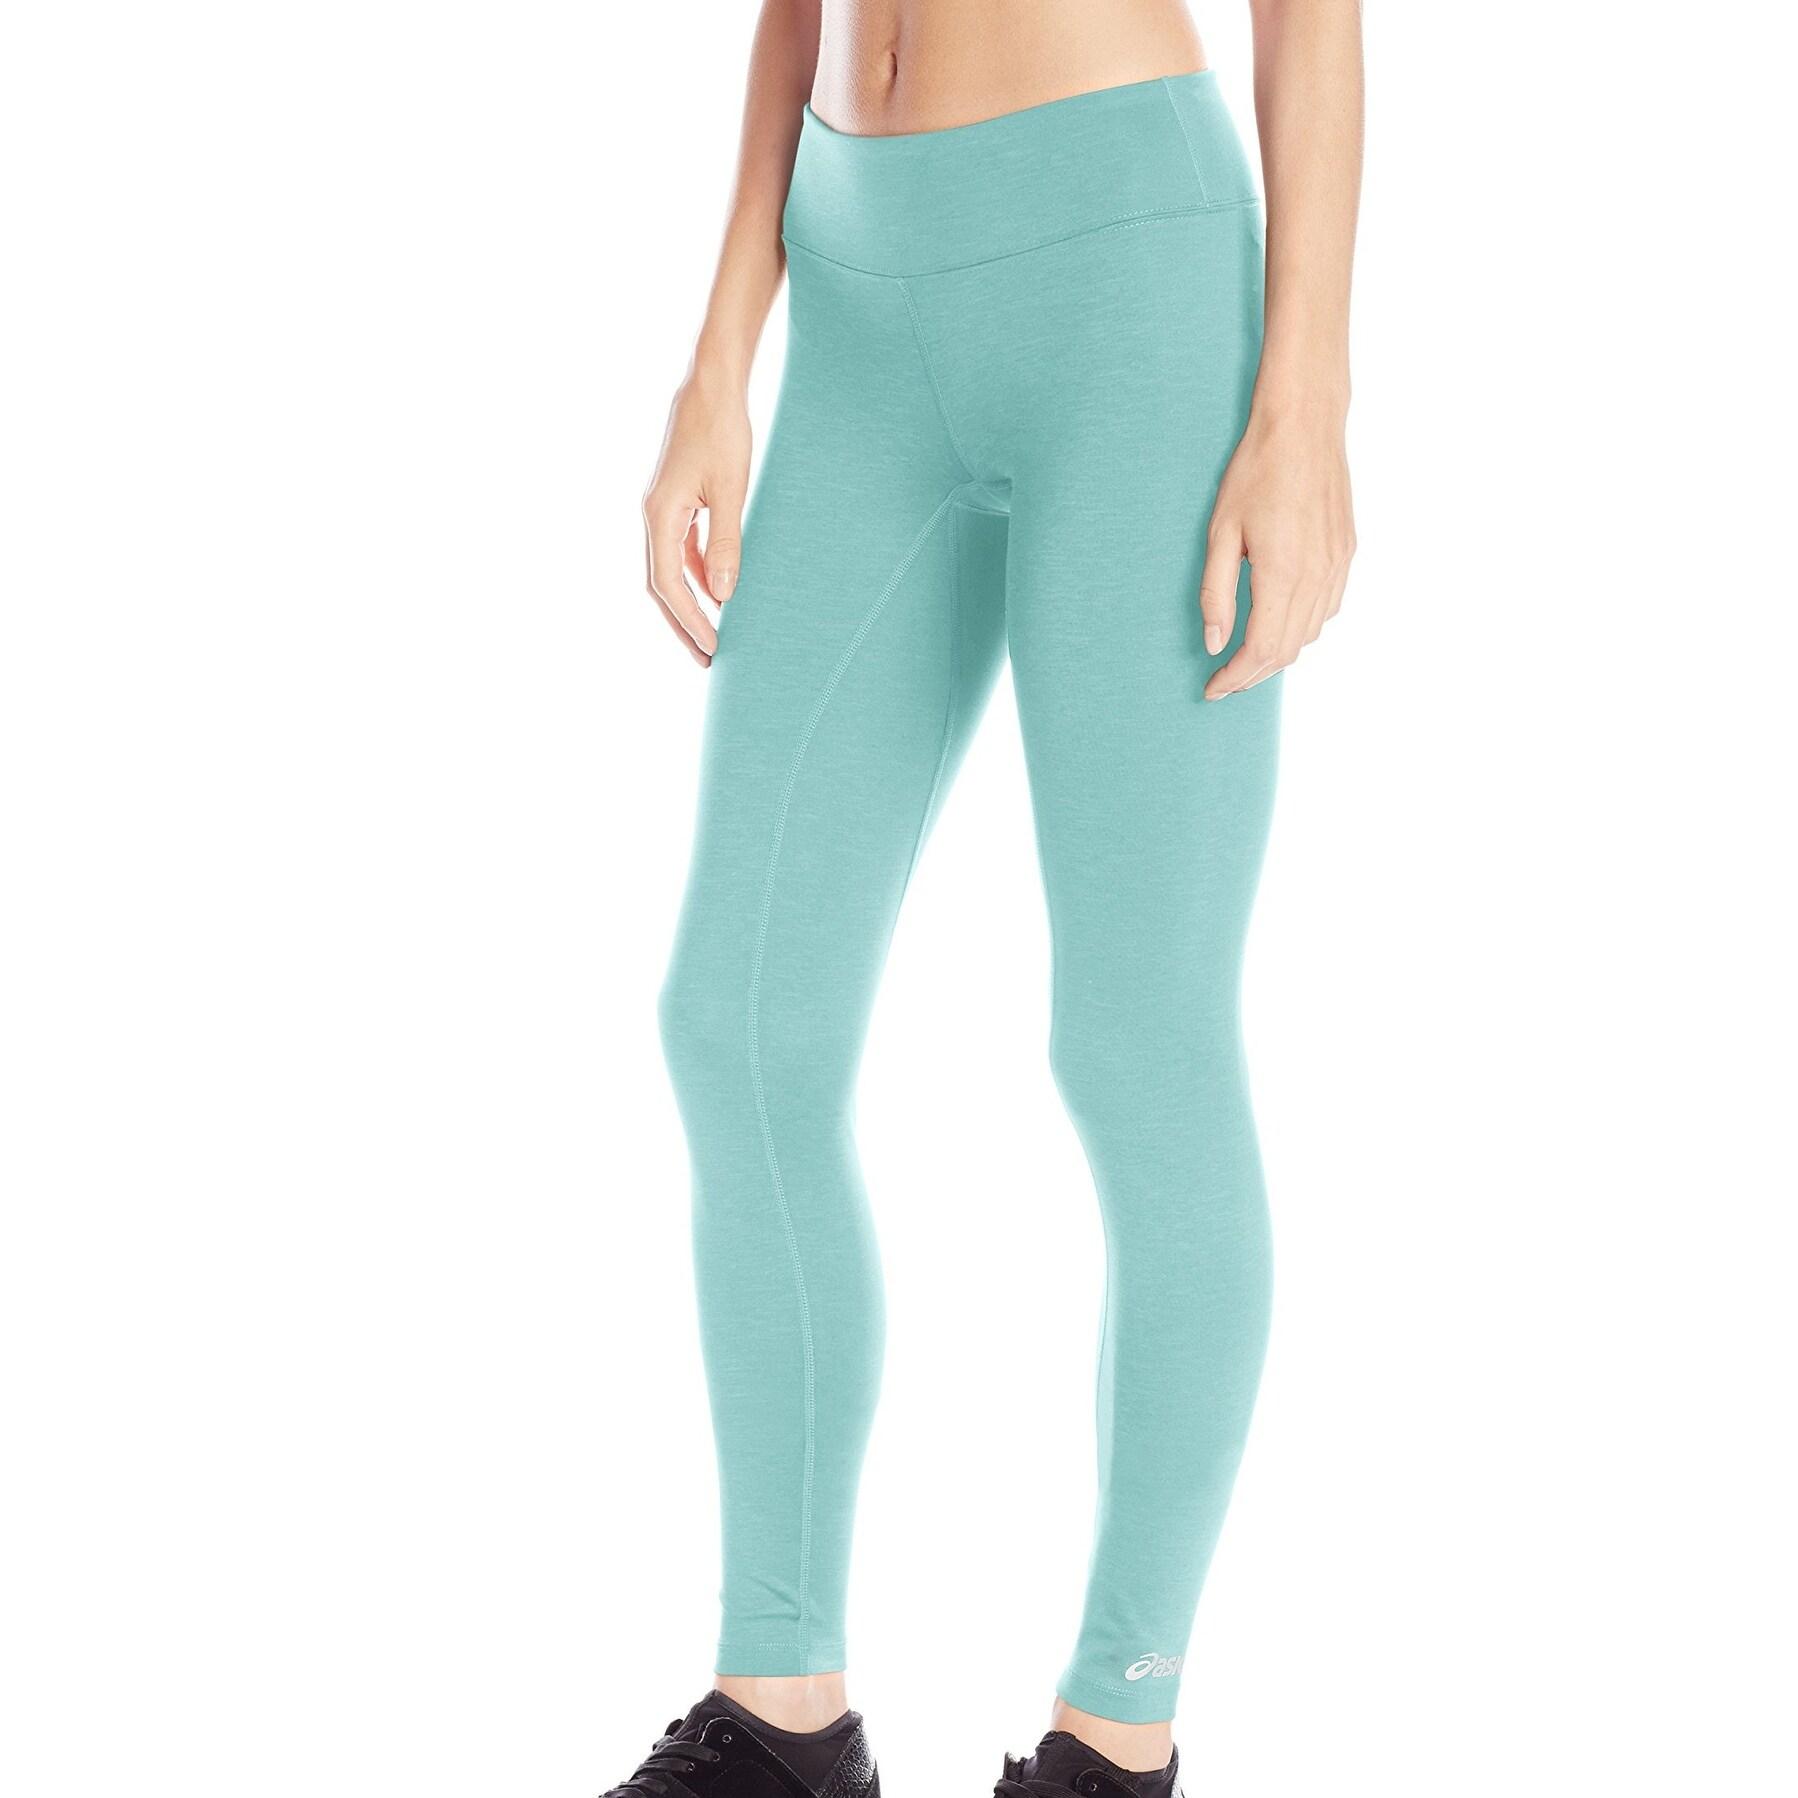 asics women leggings